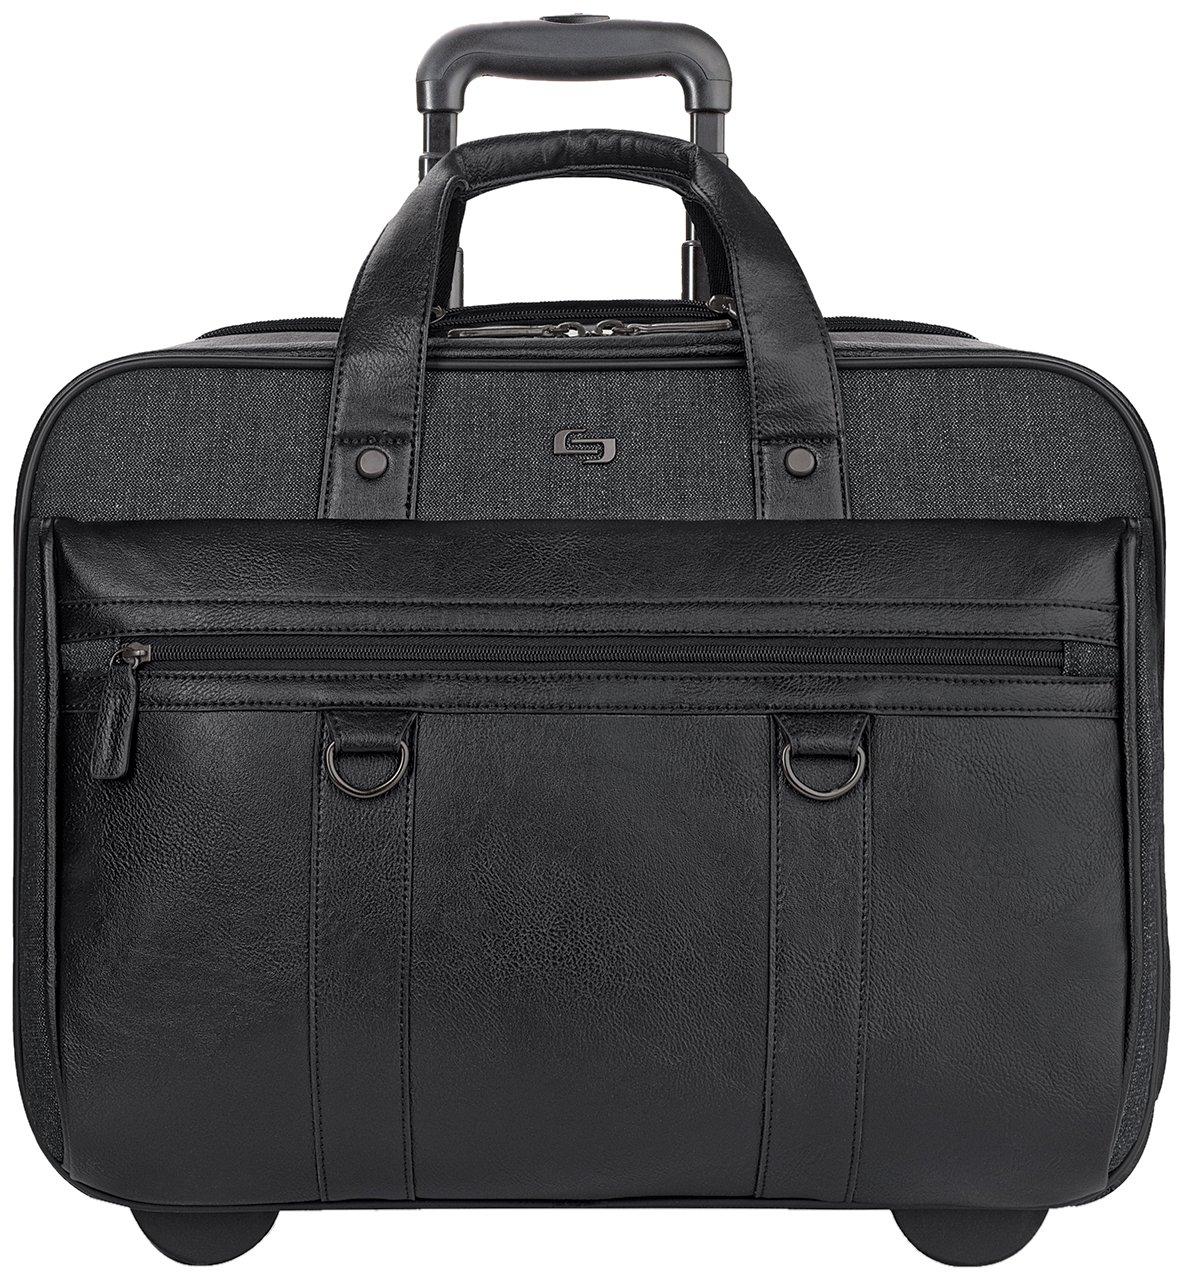 Solo Macdougal 17.3 Inch Rolling Laptop Case, Black